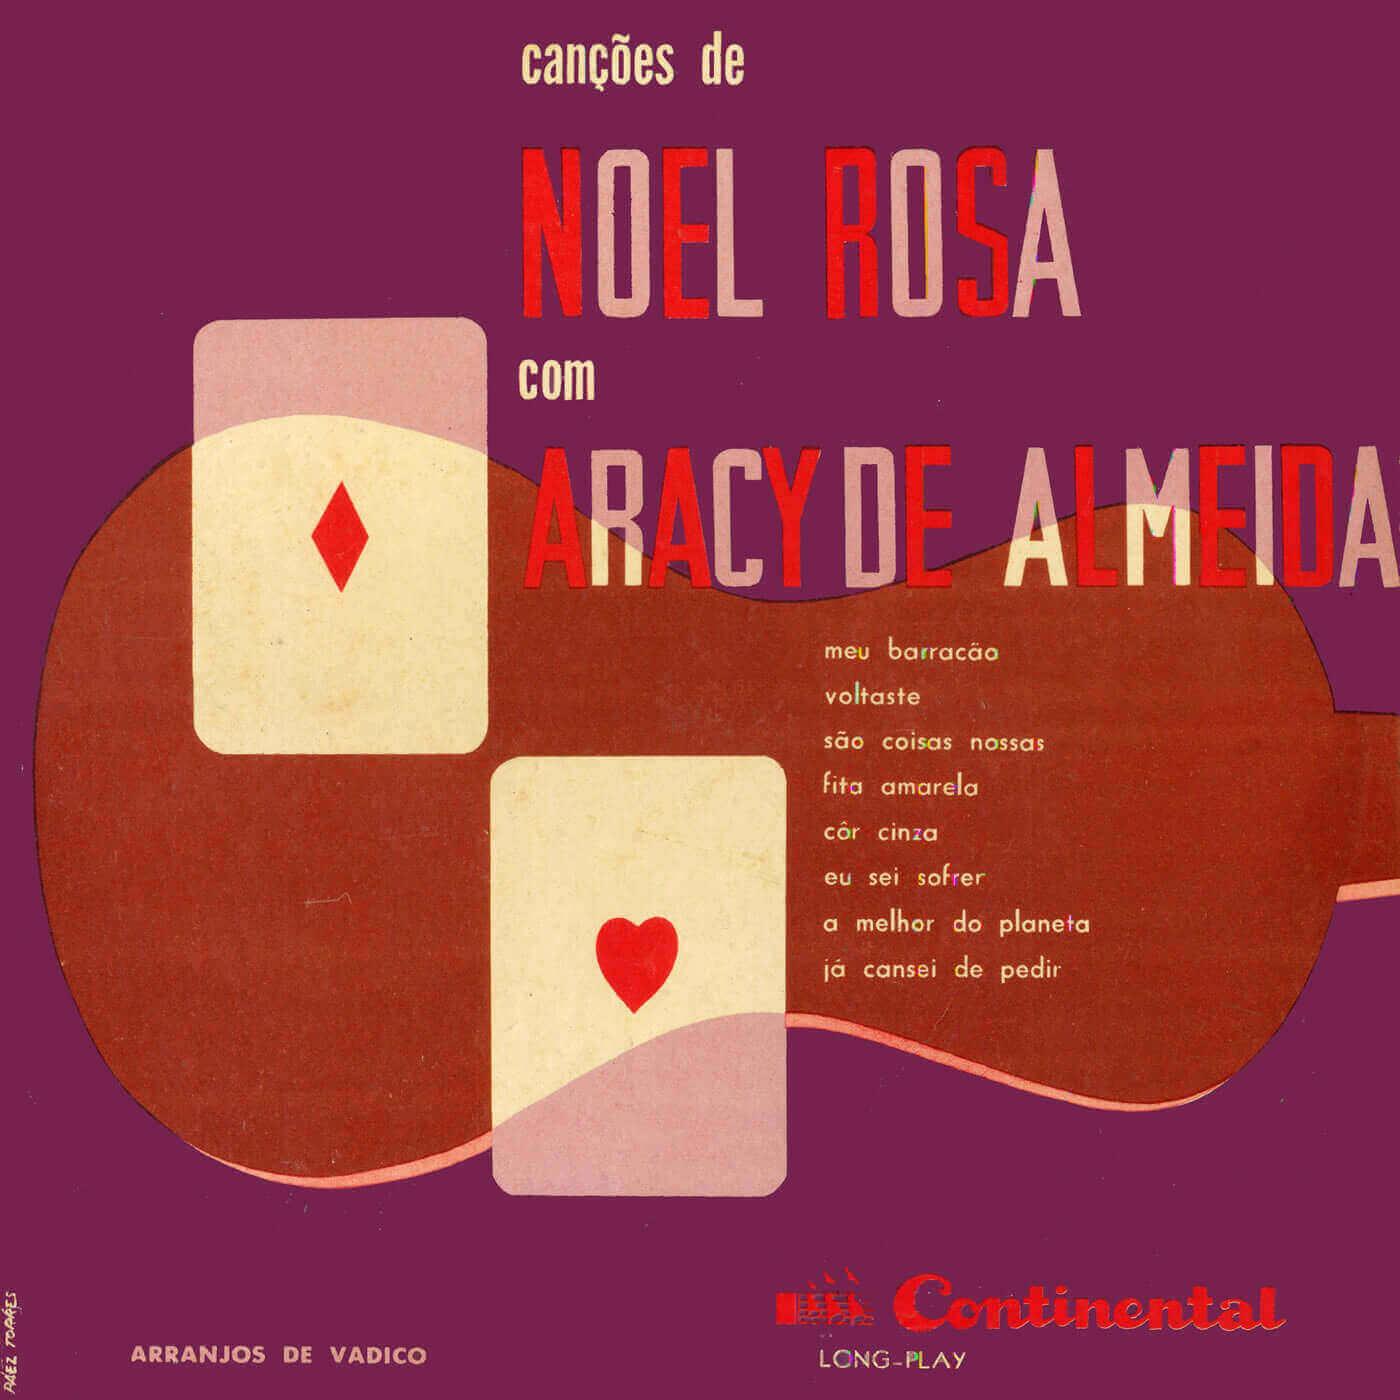 Canções de Noel Rosa Com Aracy de Almeida